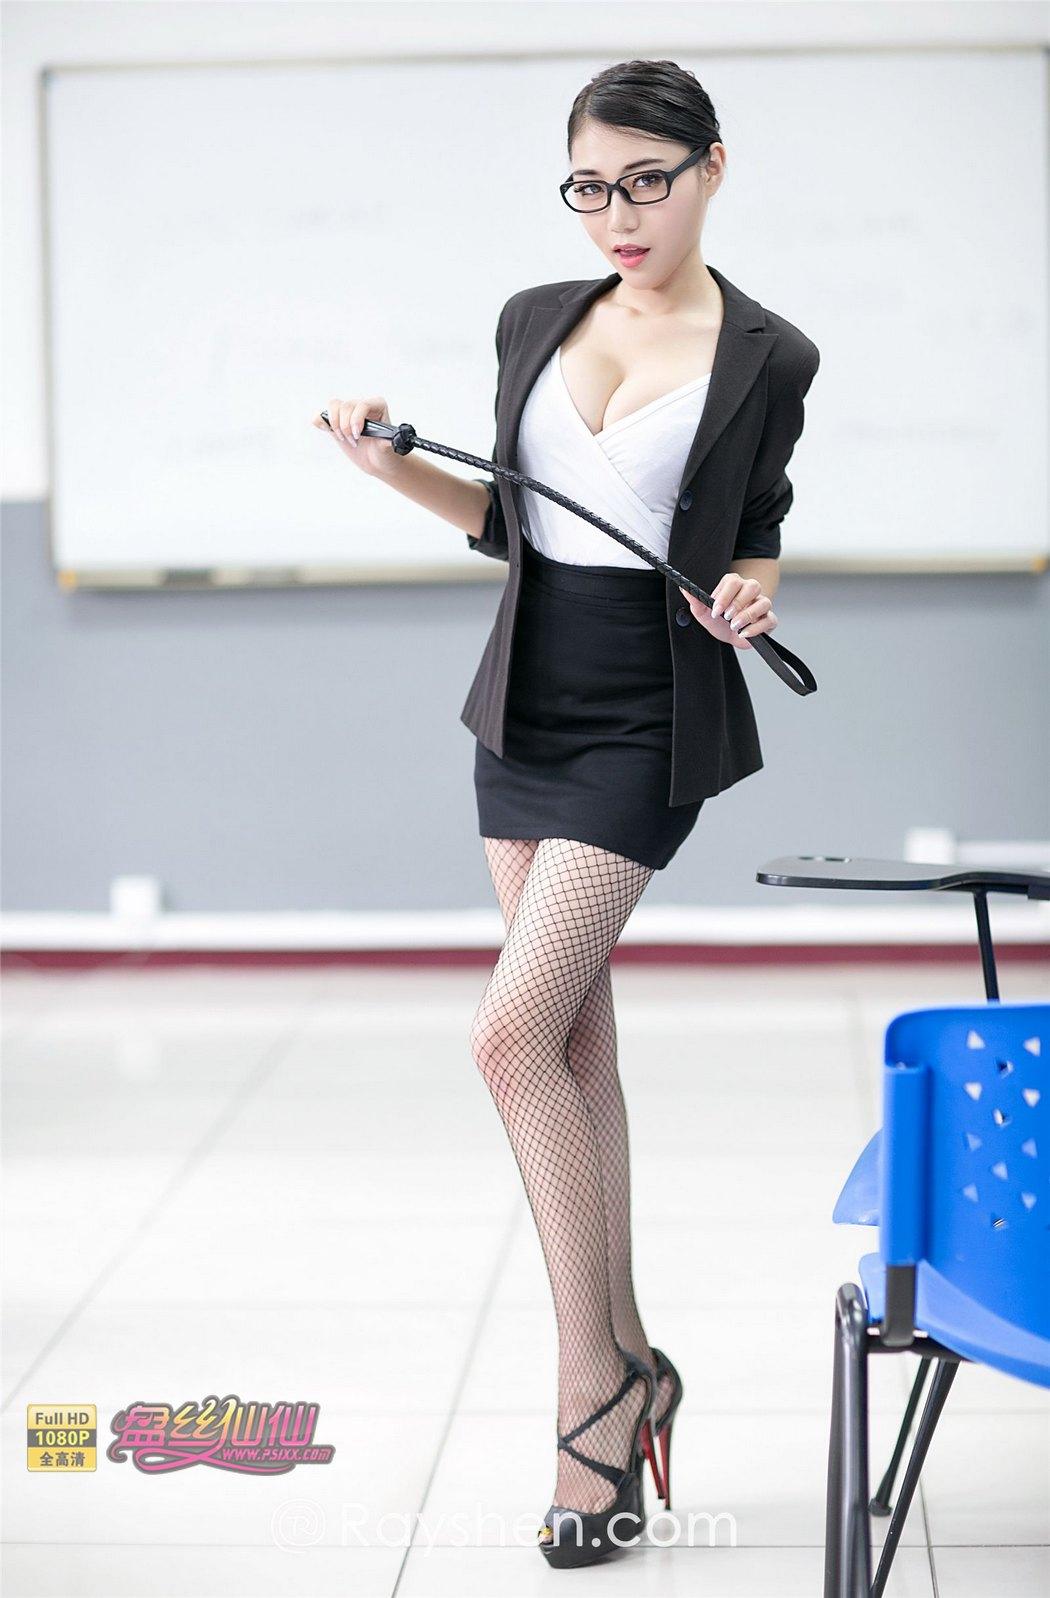 国模蓓蓓_(134p)充满挑逗诱惑的美女_盘丝仙仙 - 美丝街拍视频网